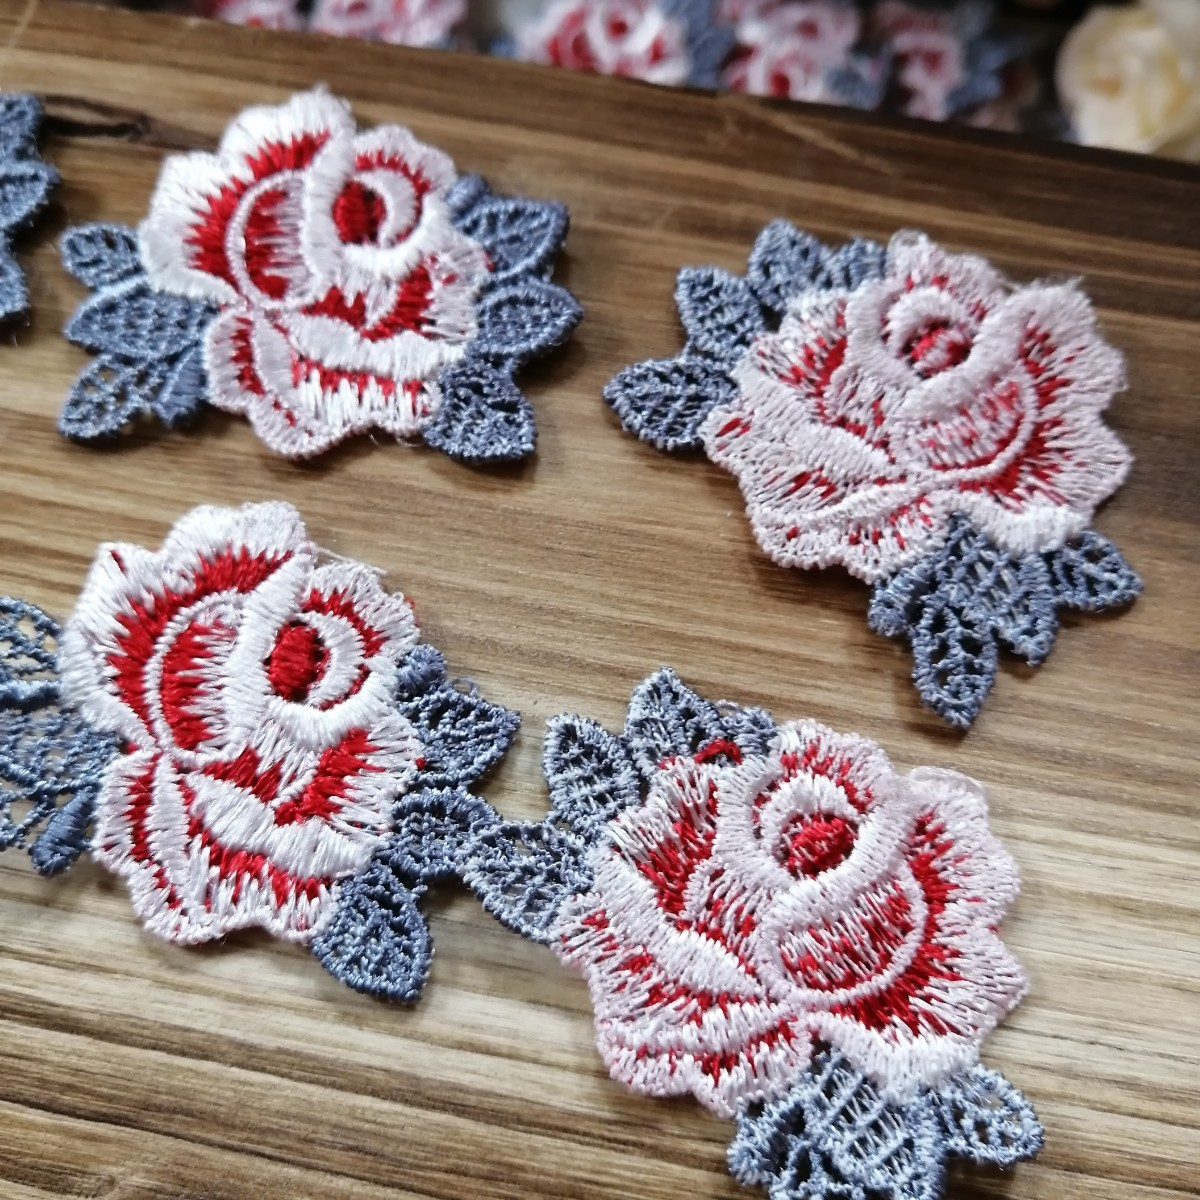 ハンドメイド ワッペン   刺繍 綺麗なワッベン 手作り 花モチーフ 薔薇 赤2